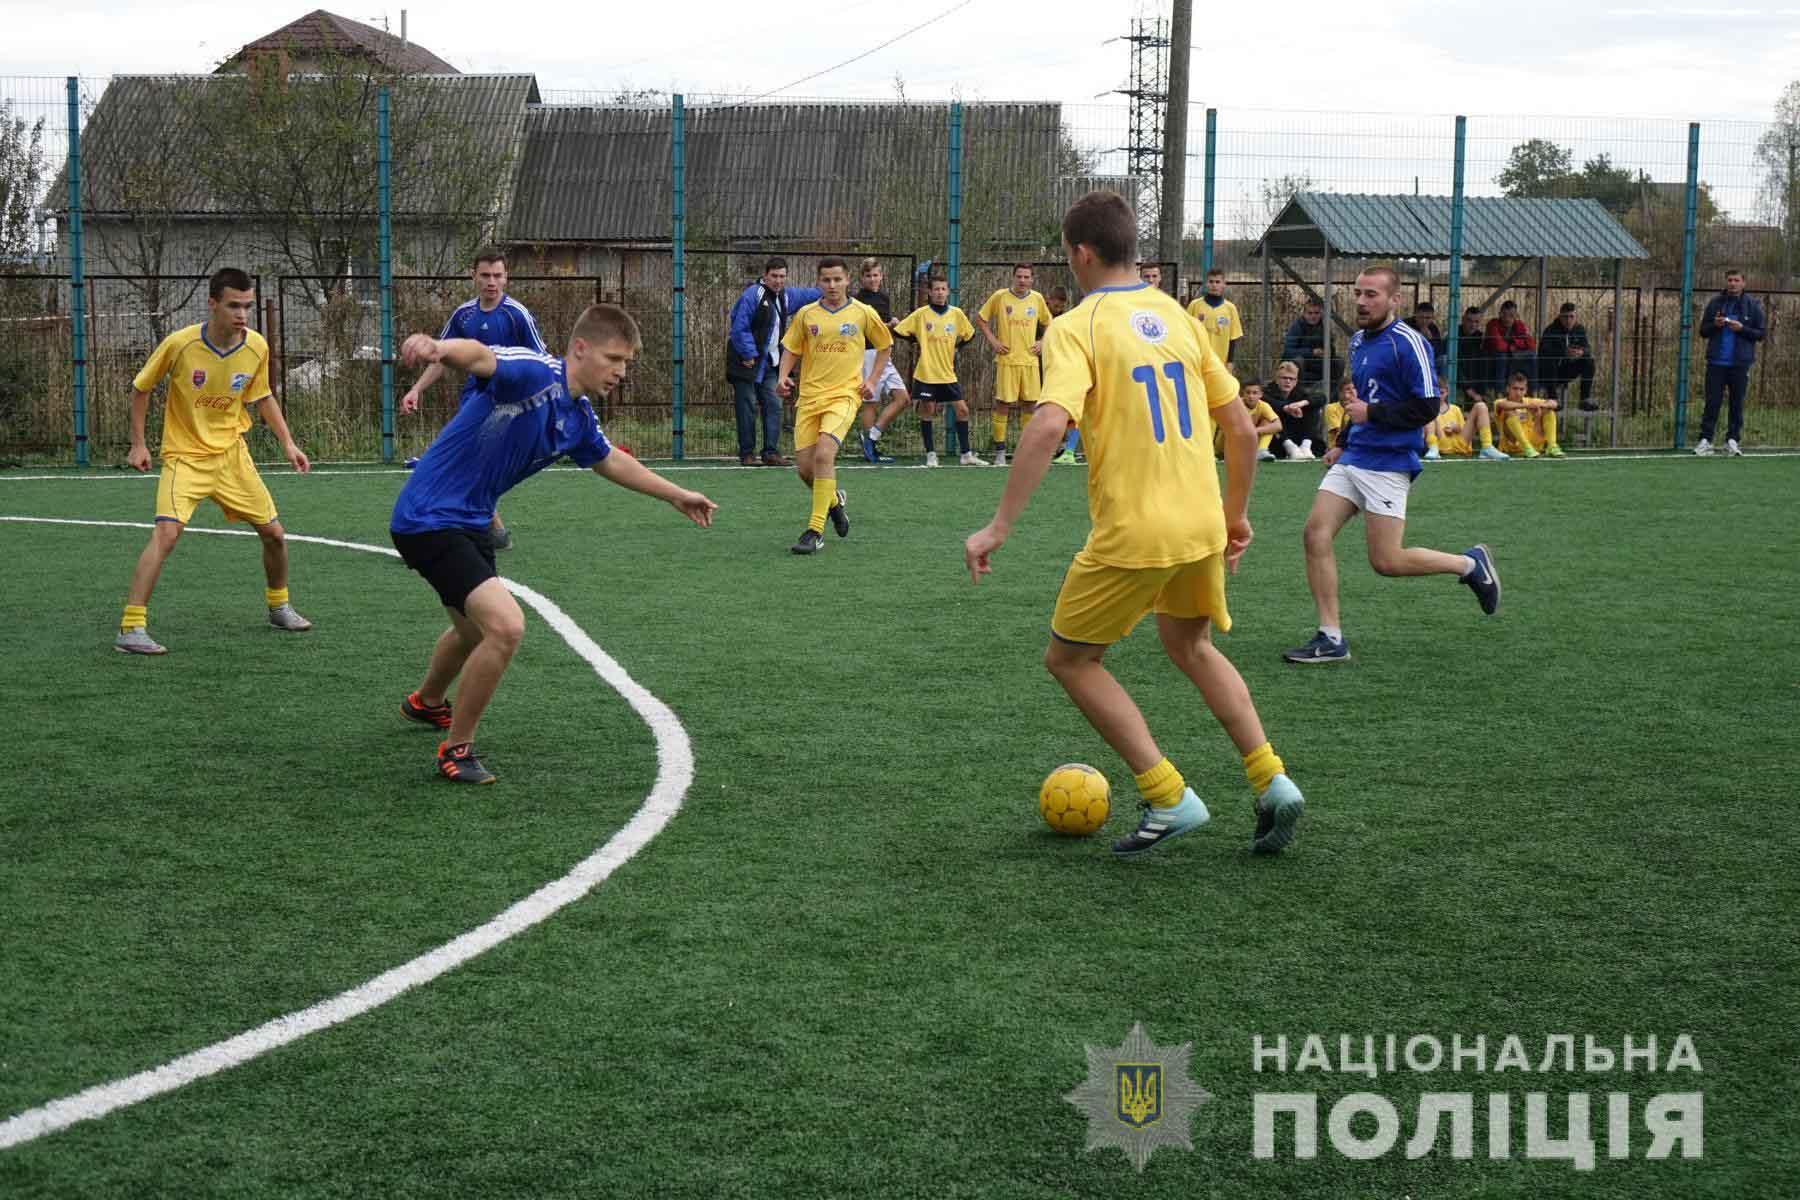 Пам'ять двох загиблих прикарпатських поліціянтів вшанували футбольним турніром (ФОТО)